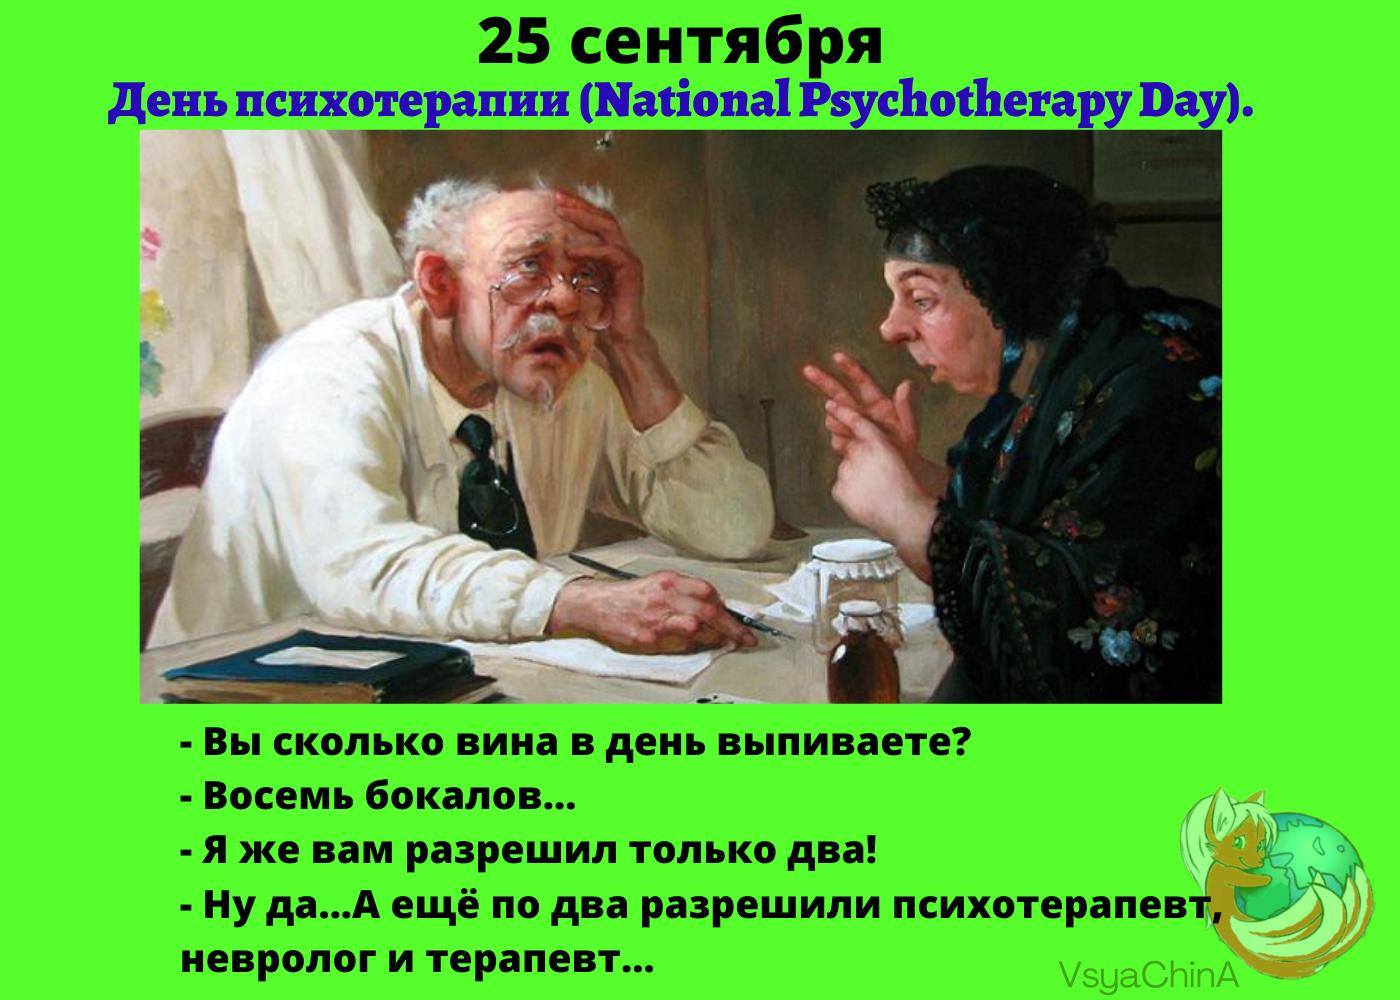 25 сентября_день психотерапии